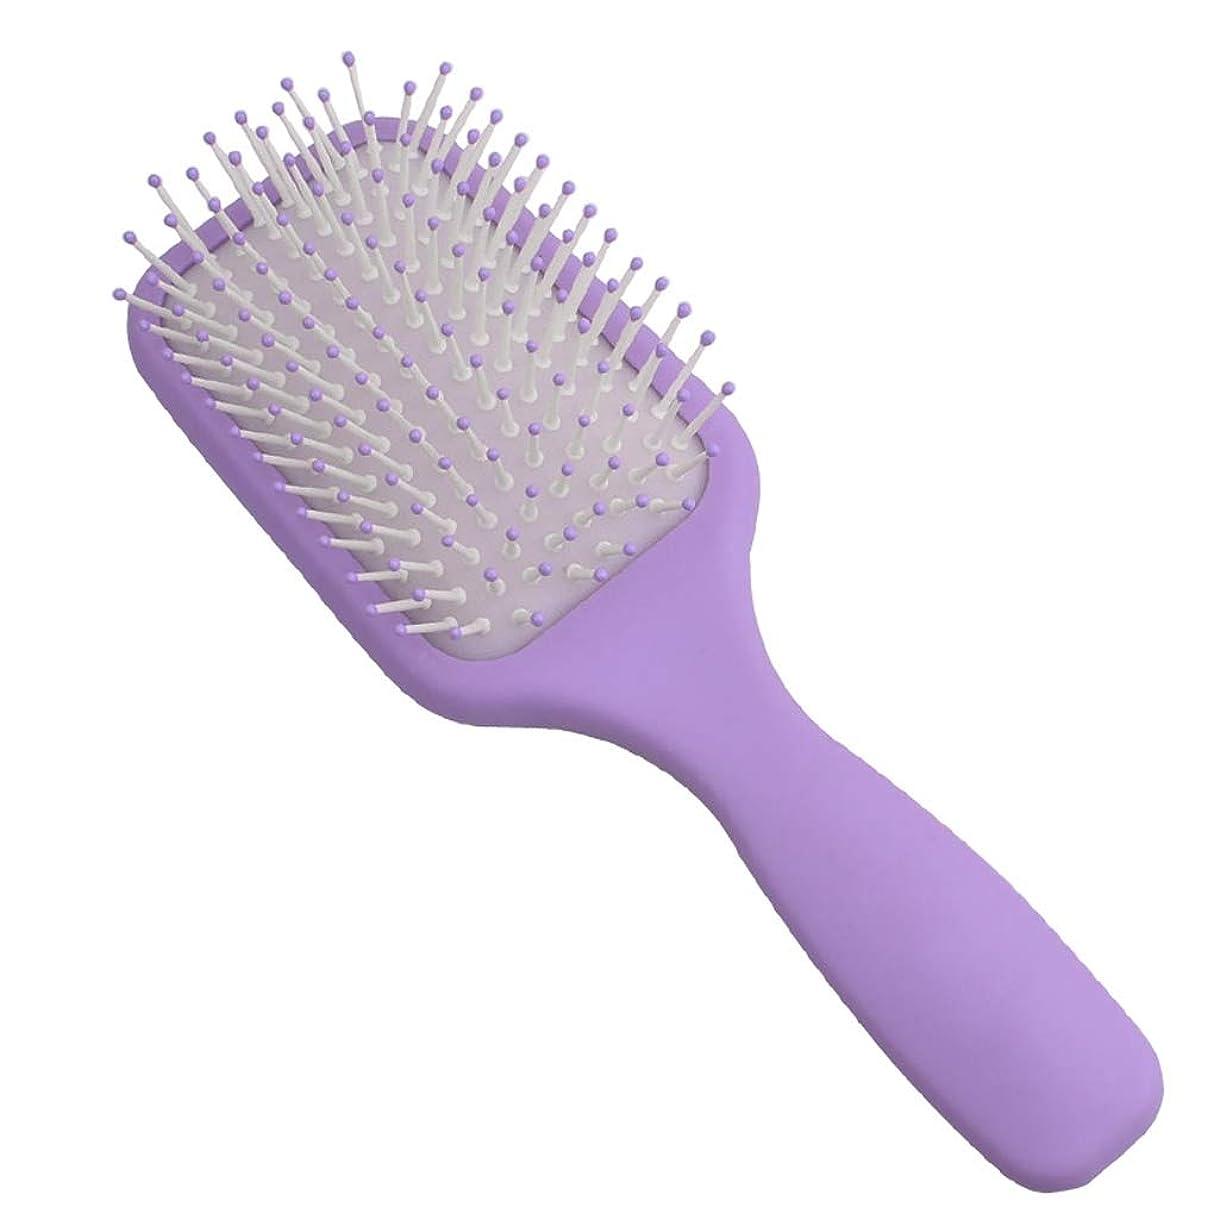 ペチュランス彼らのもの小石くし児童エアバッグエアクッションコームマッサージヘッドメリディアンコームヘアコームヘアコームくしホームビッグくし (Color : Purple)